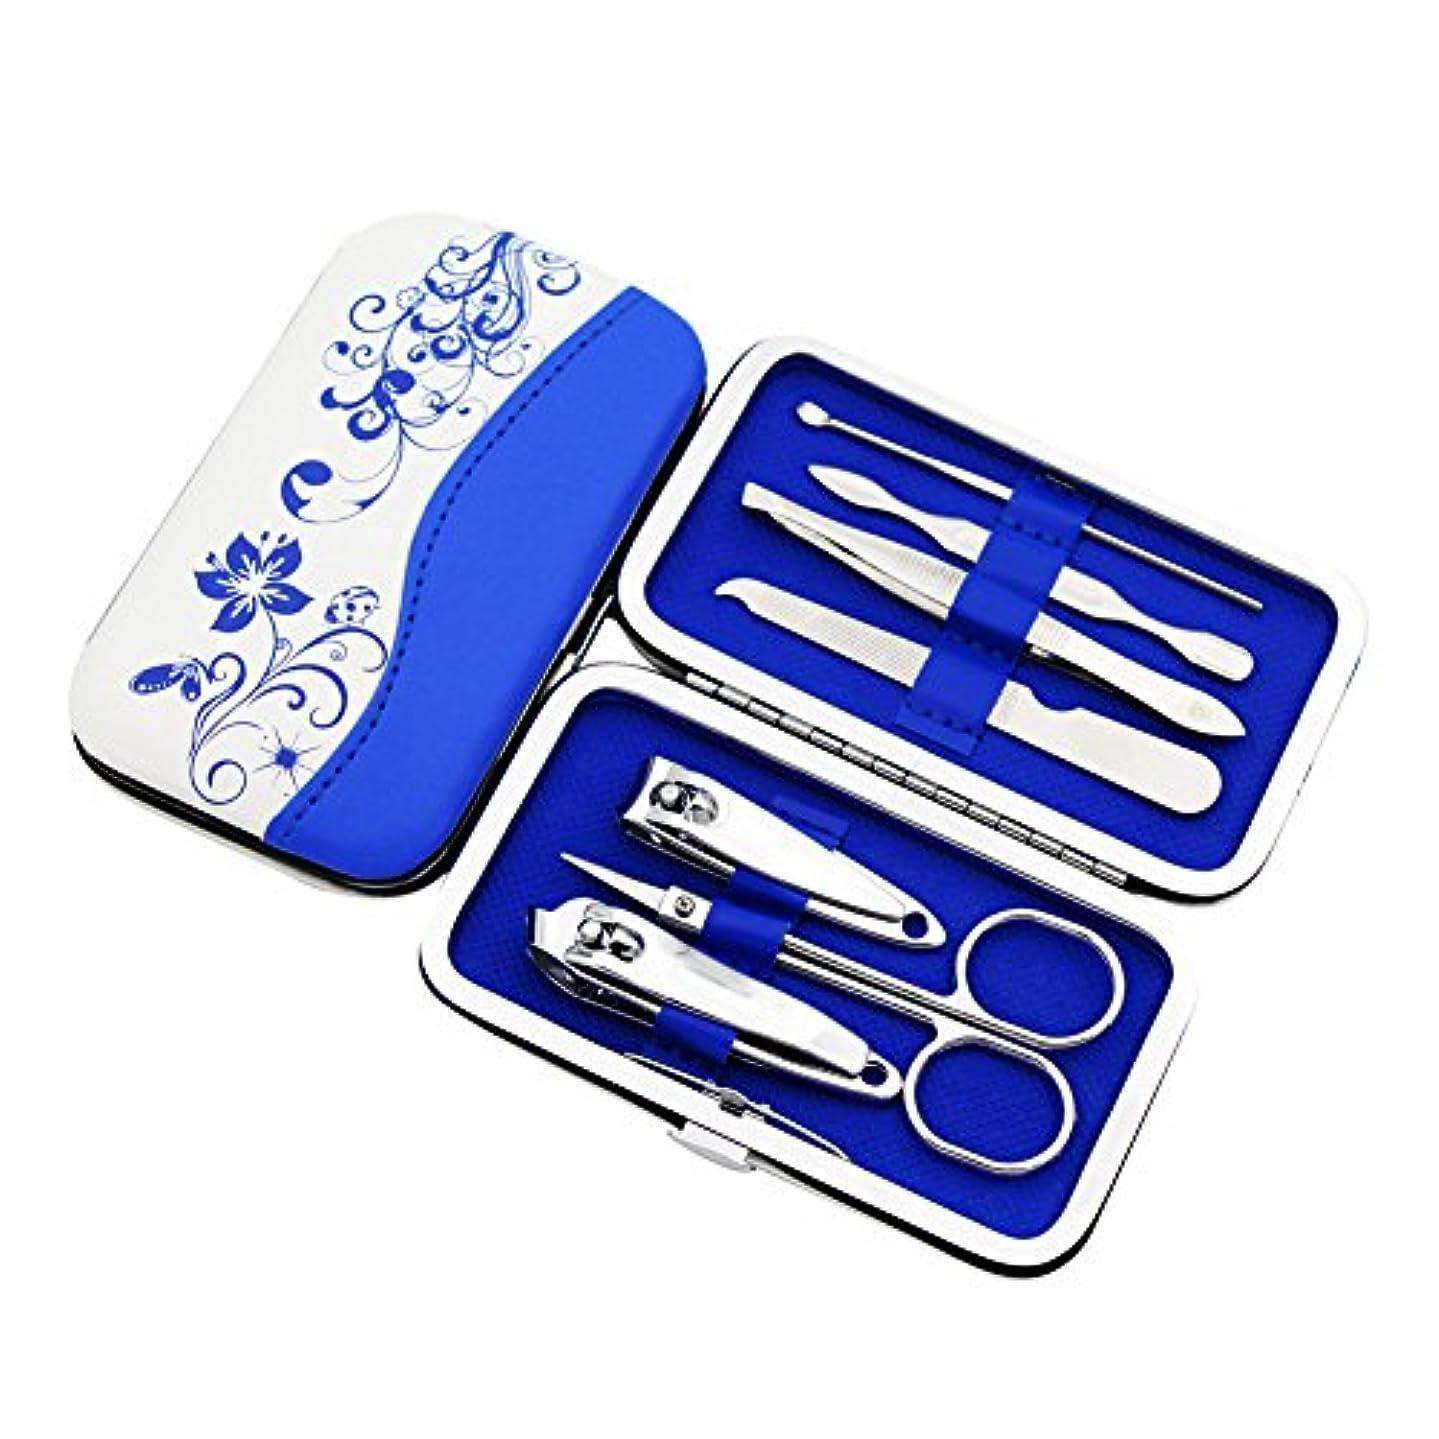 毎月どうしたのオプションMyMei 爪切り 爪やすり 7点セット ステンレス製 携帯便利 収納ケース付き 耐摩 耐久